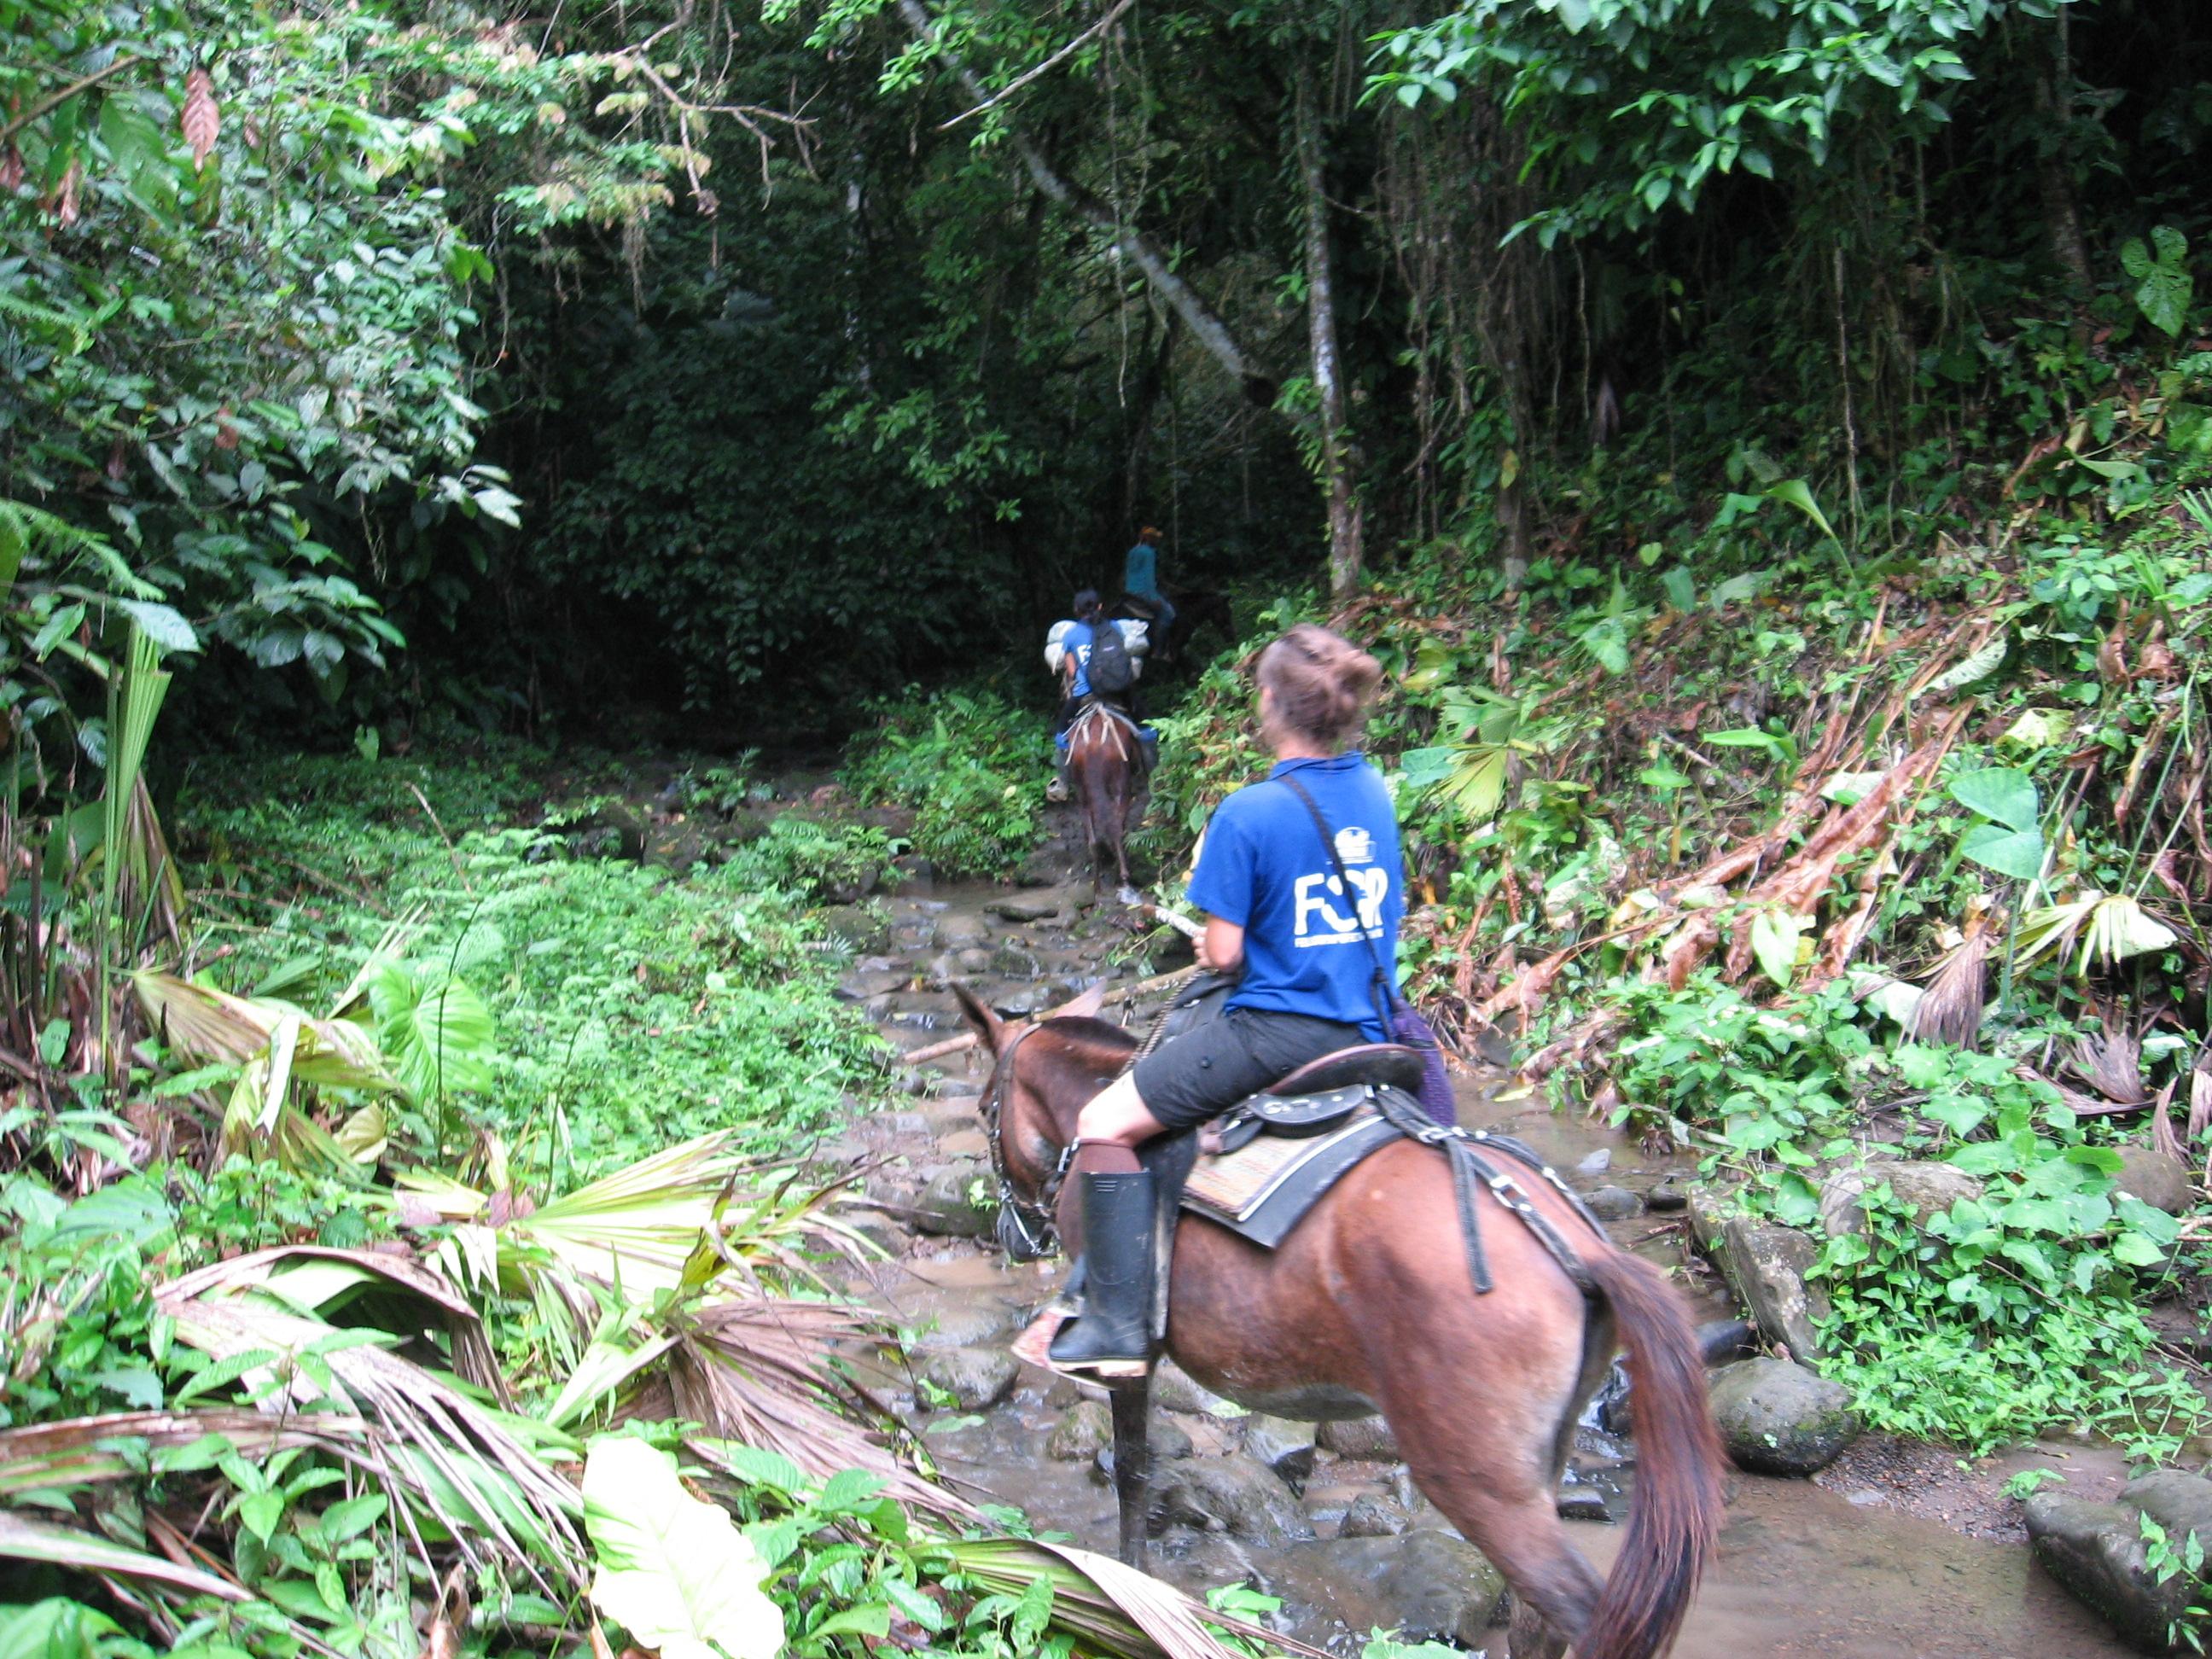 Friedensgemeinde, Kolumbien. Auf dem Weg zu abgelegenen Dörfern